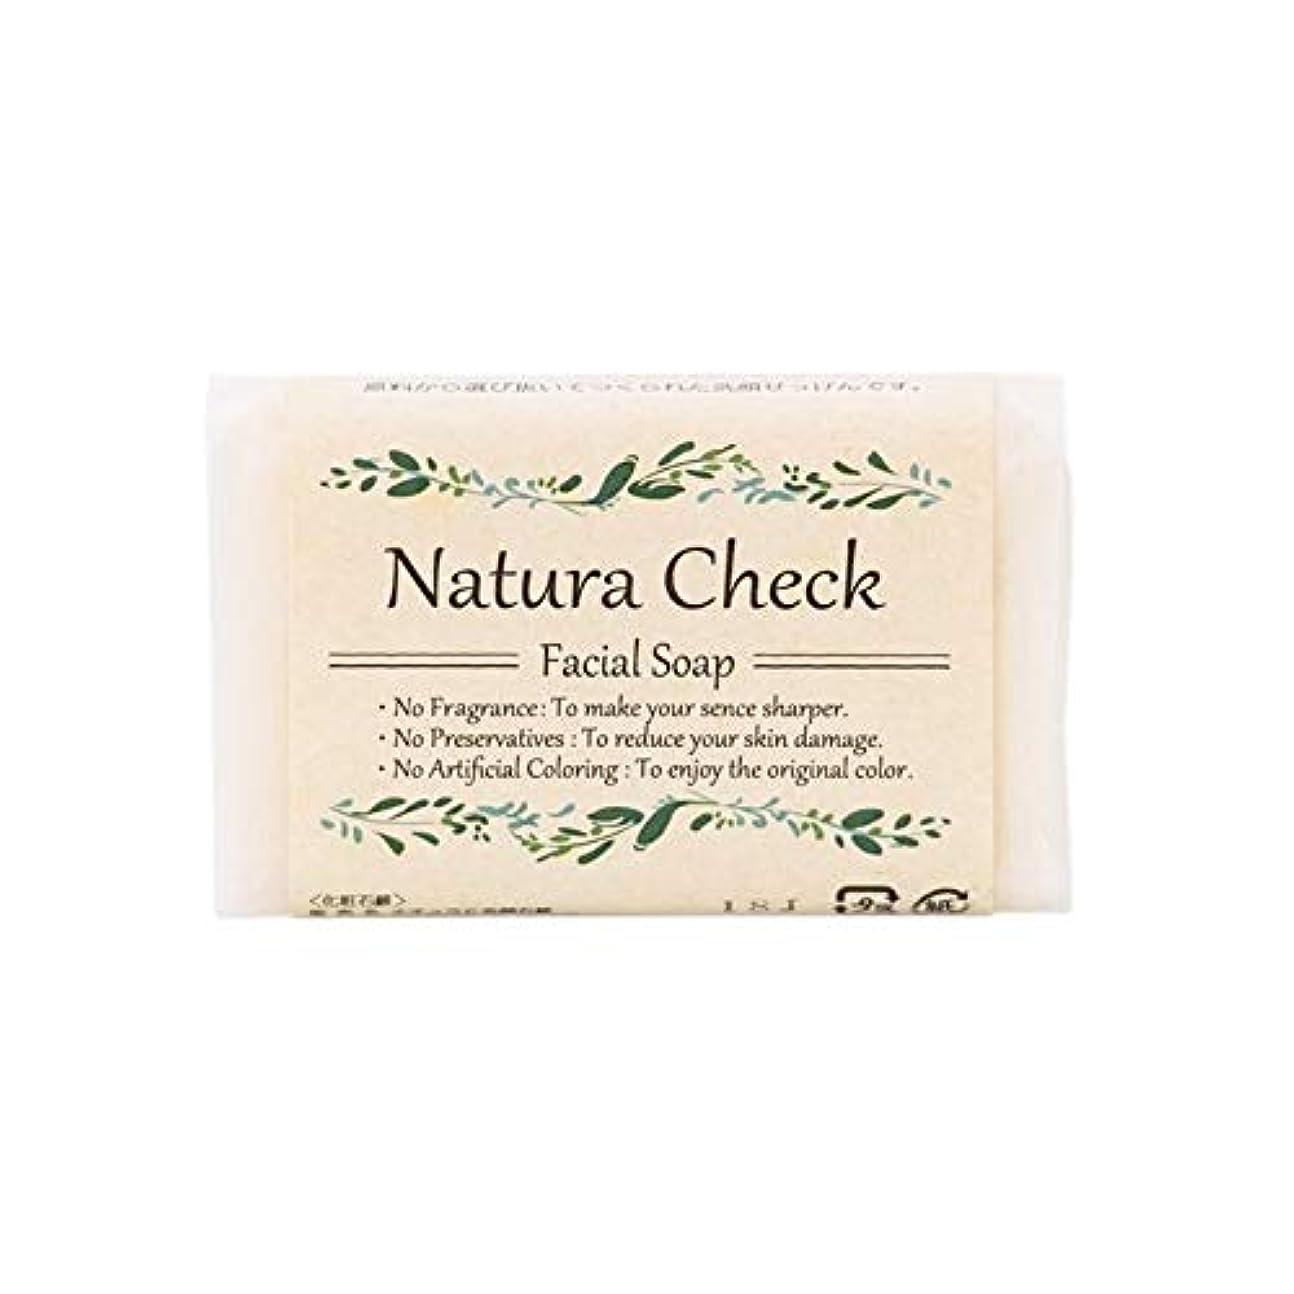 社交的不健康ほぼNatura Check 無添加洗顔せっけん80g 毛穴の黒ずみ、毛穴の開き、敏感肌、乾燥肌対策に 新生児やアトピー肌にも安心